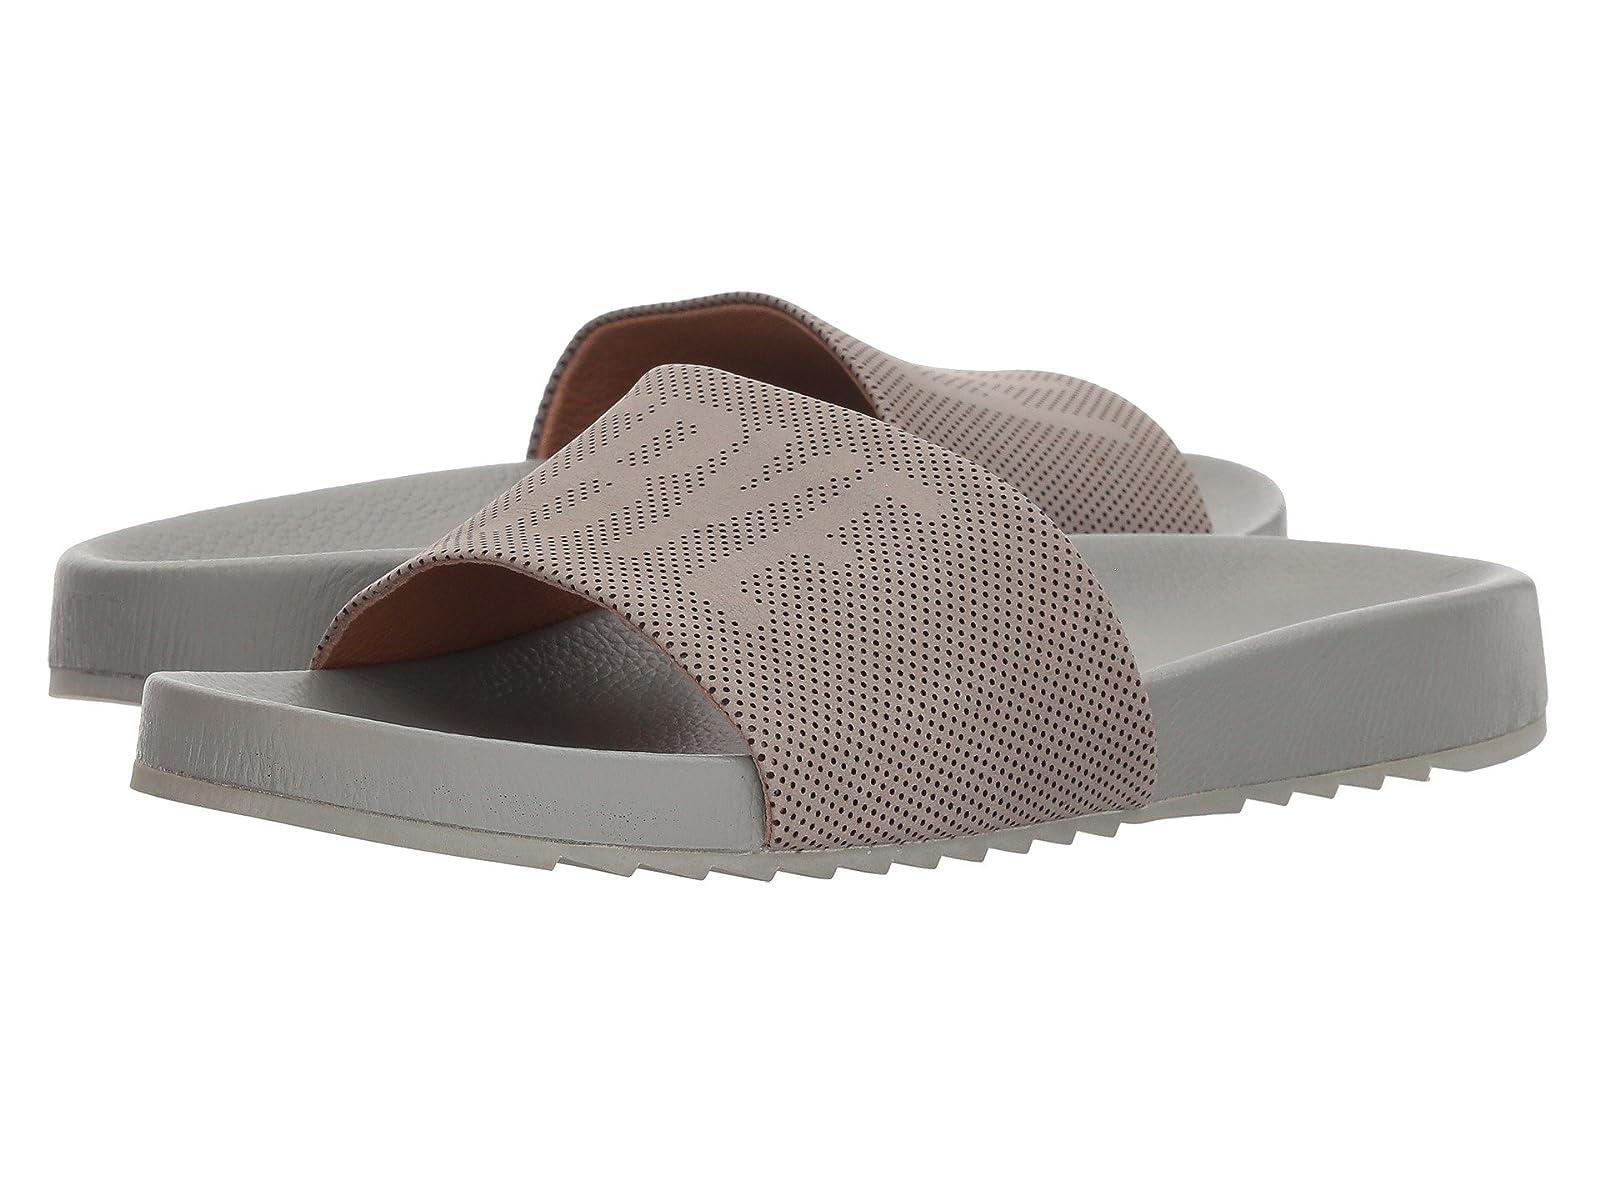 Frye Lola Perf Logo SlideAtmospheric grades have affordable shoes